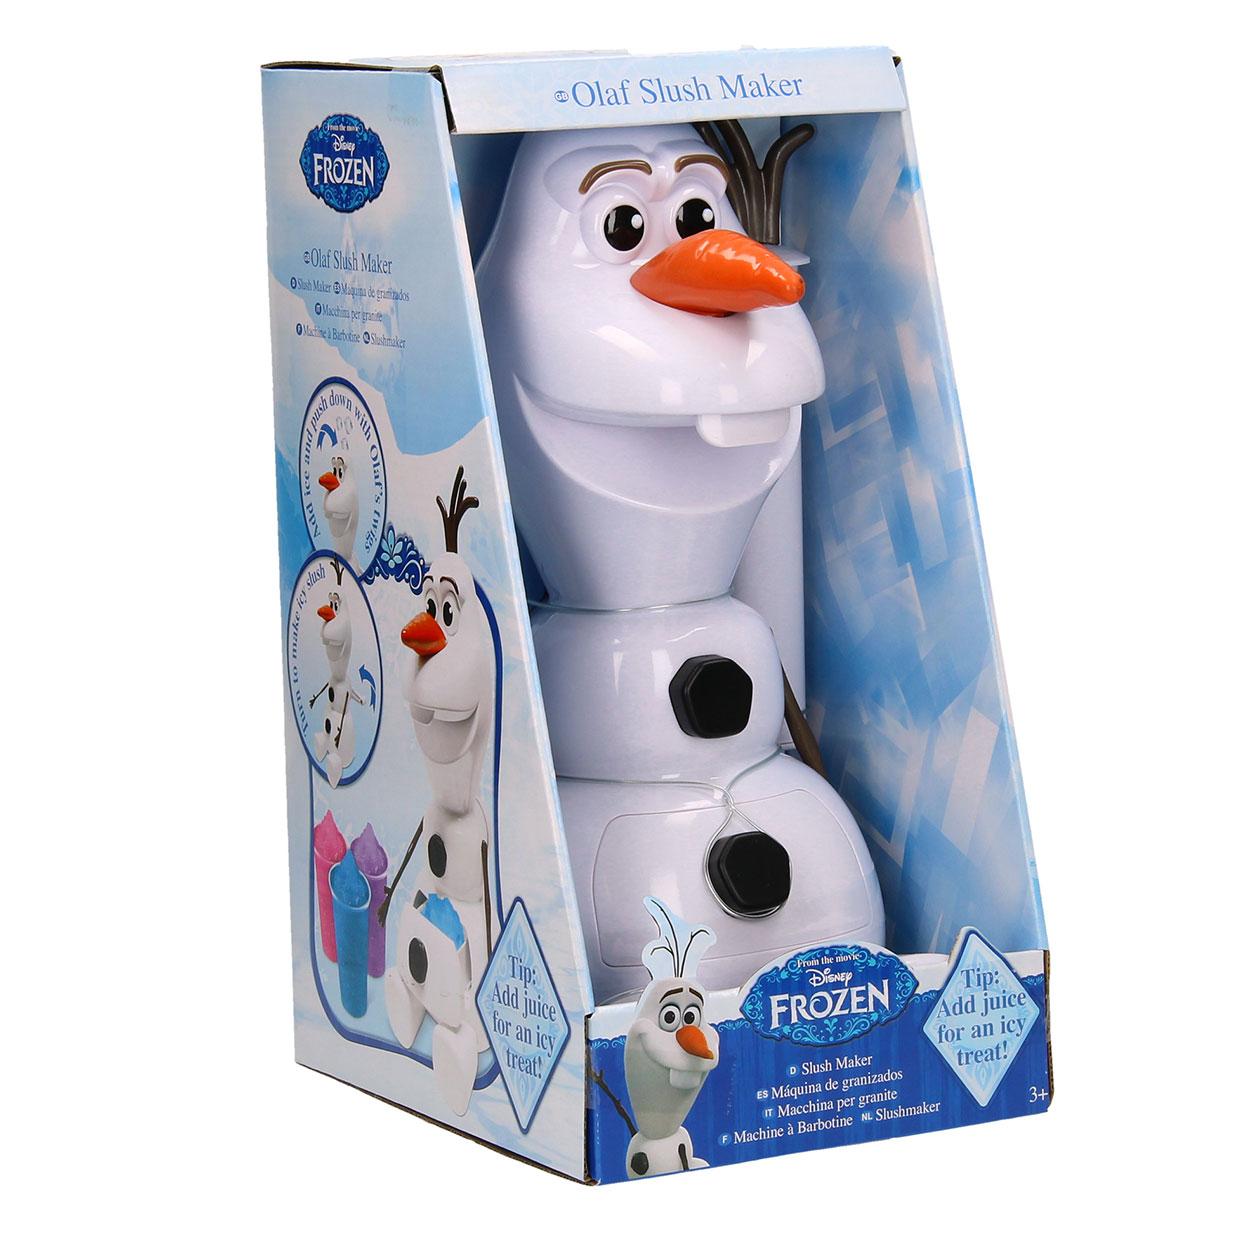 Disney Keukenaccessoires : Disney Frozen Olaf Slush Machine online kopen Lobbes nl